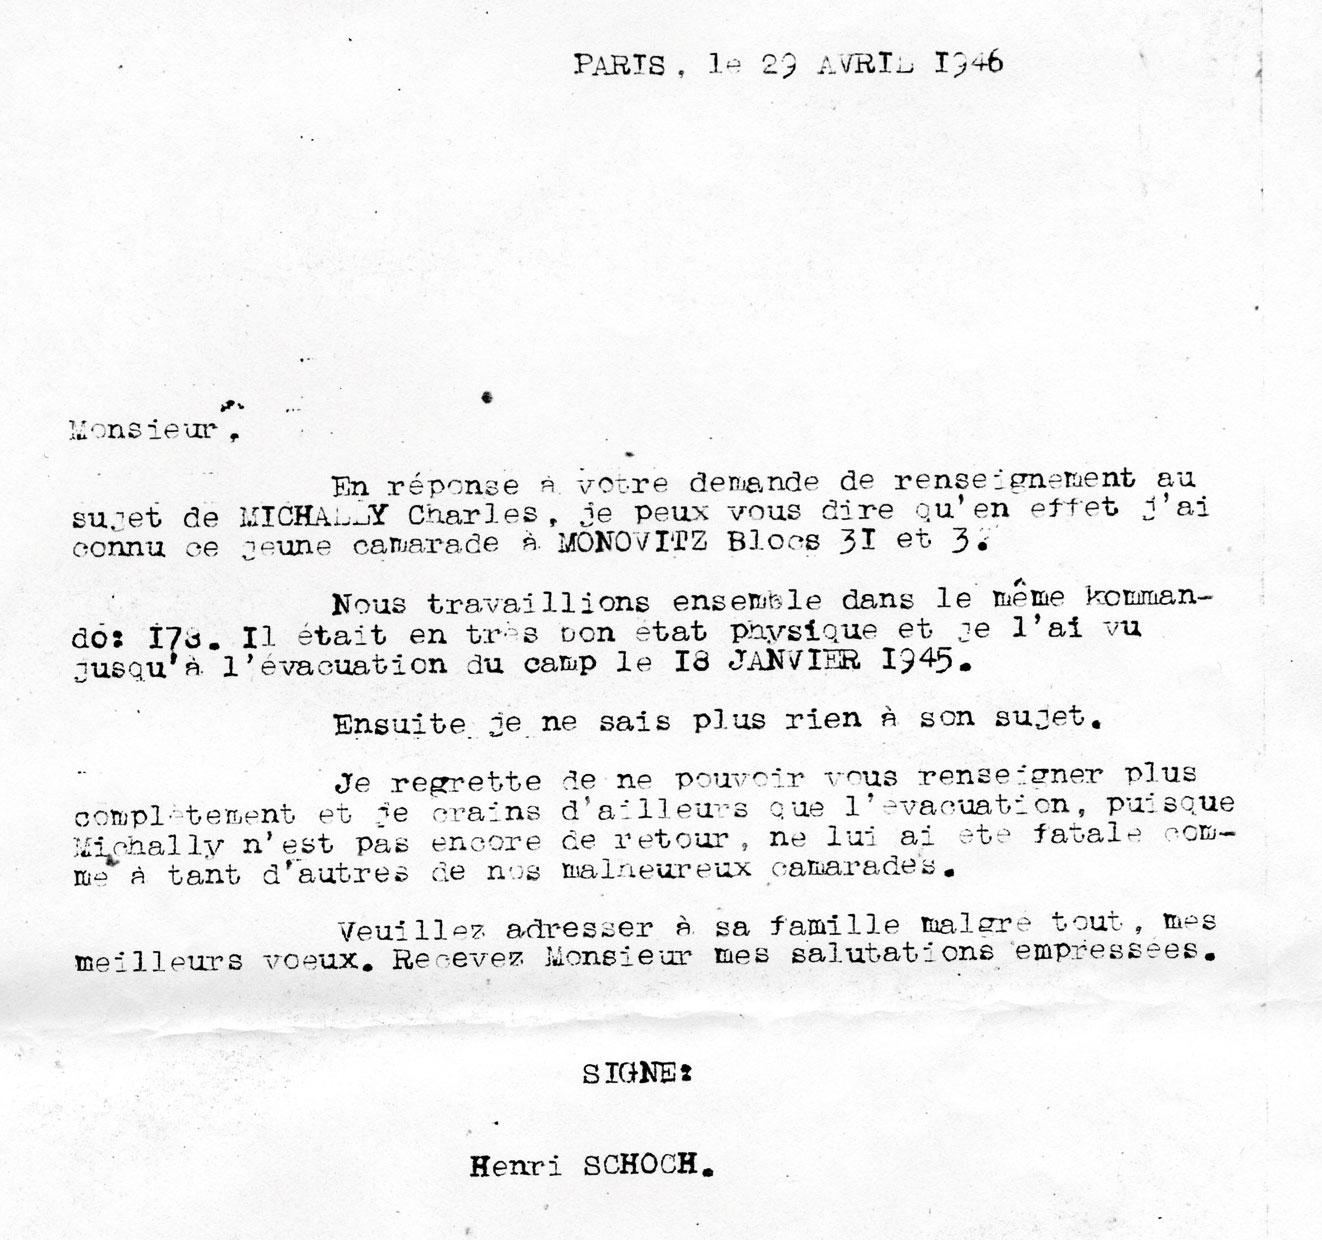 Lettre de témoignage de Henri Schoch à propos de Charles, Mechally, Saint-Fons